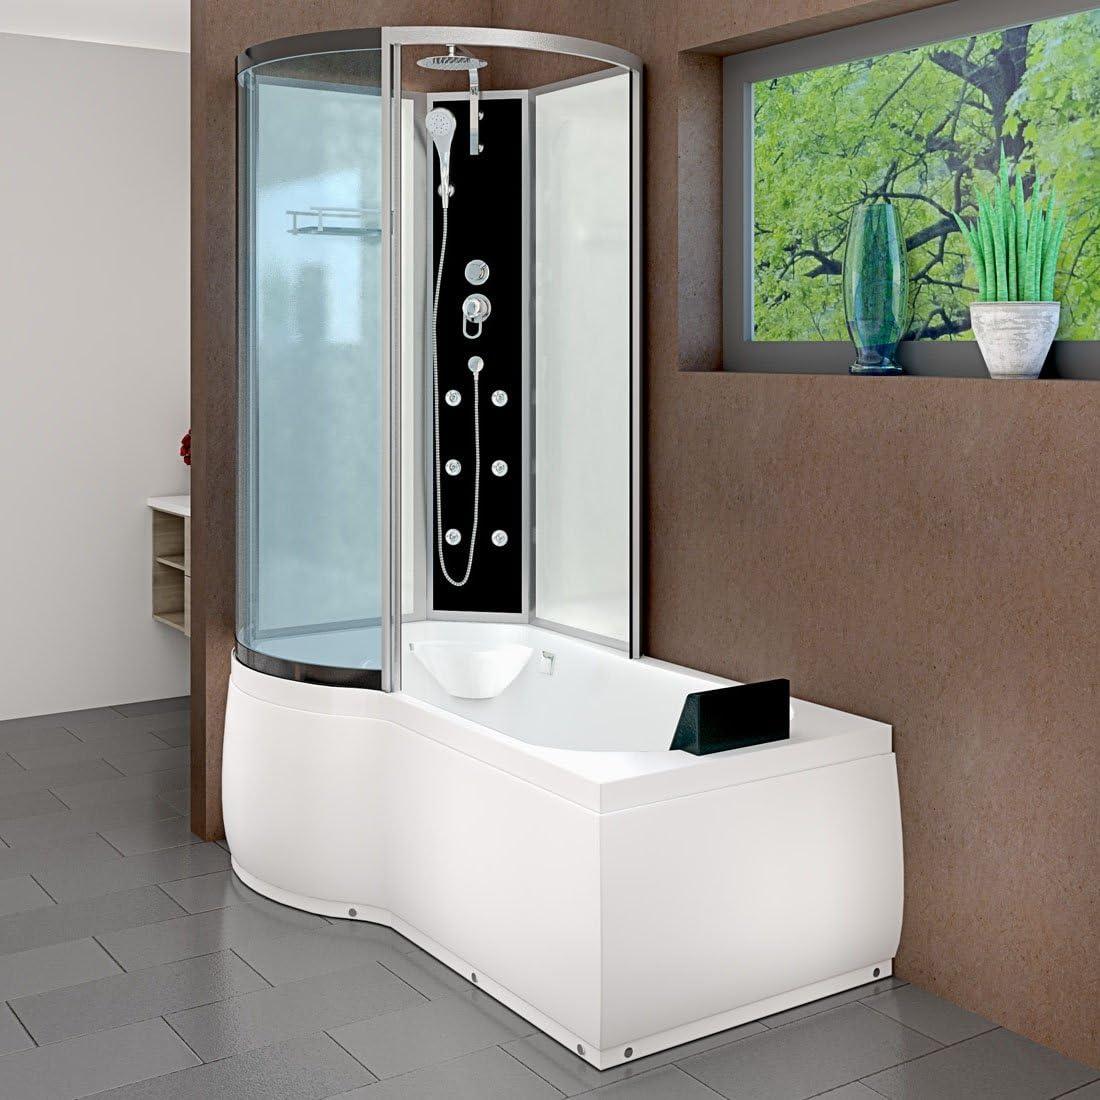 AcquaVapore DTP8050-A000R - Bañera con cabina de ducha, 98 x 170: Amazon.es: Bricolaje y herramientas